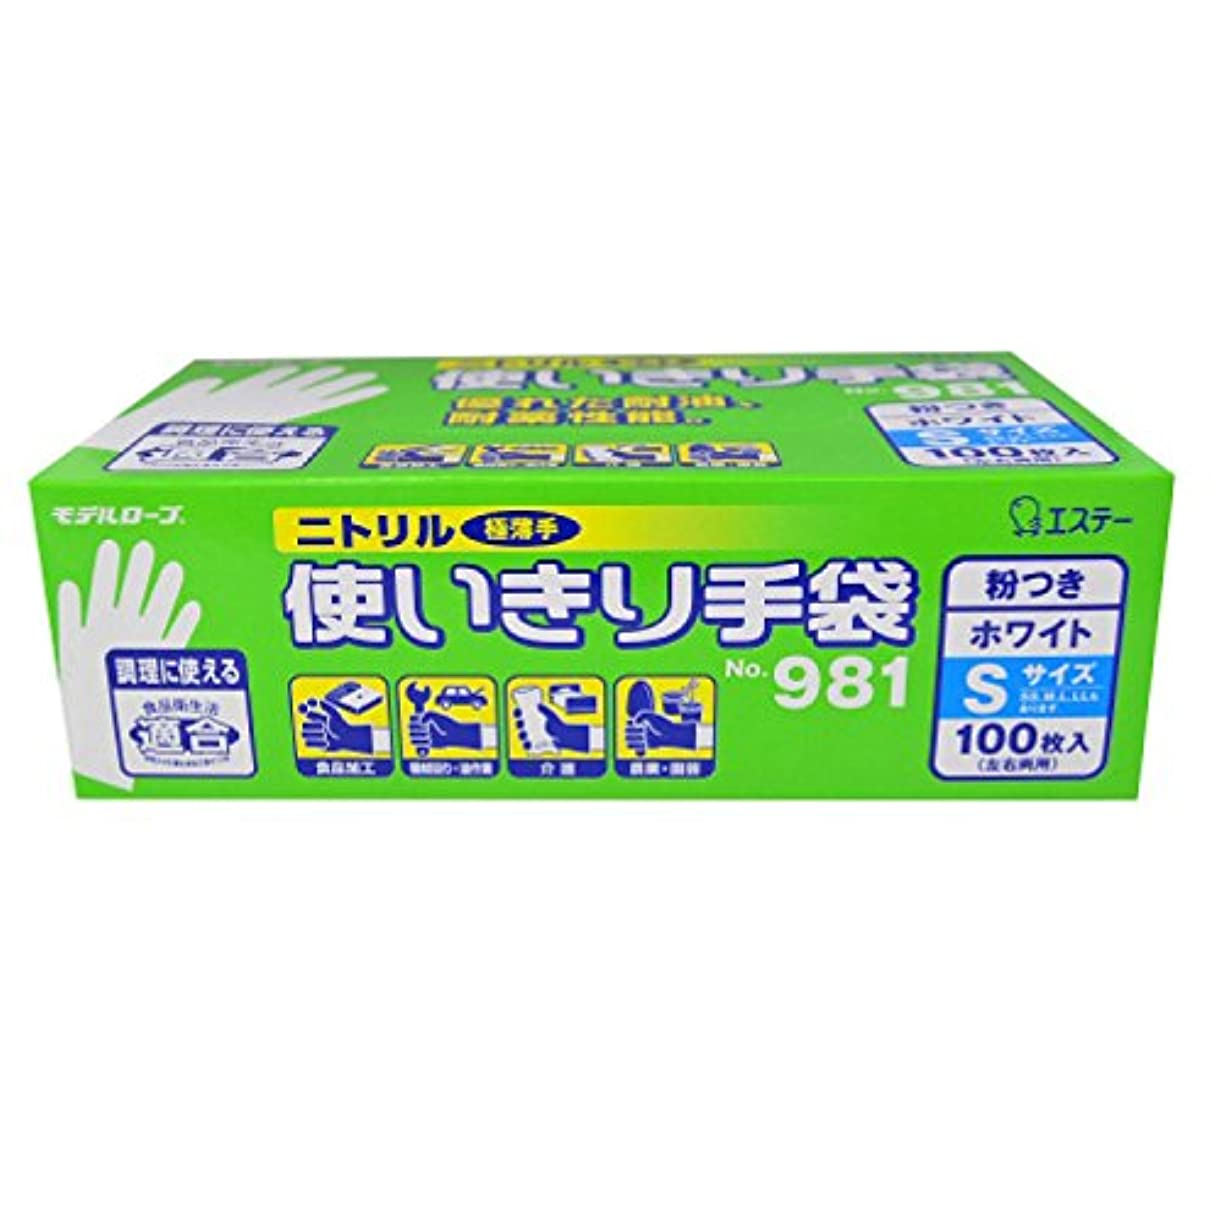 エステー/ニトリル使いきり手袋 箱入 (粉つき) [100枚入]/品番:981 サイズ:M カラー:ブルー